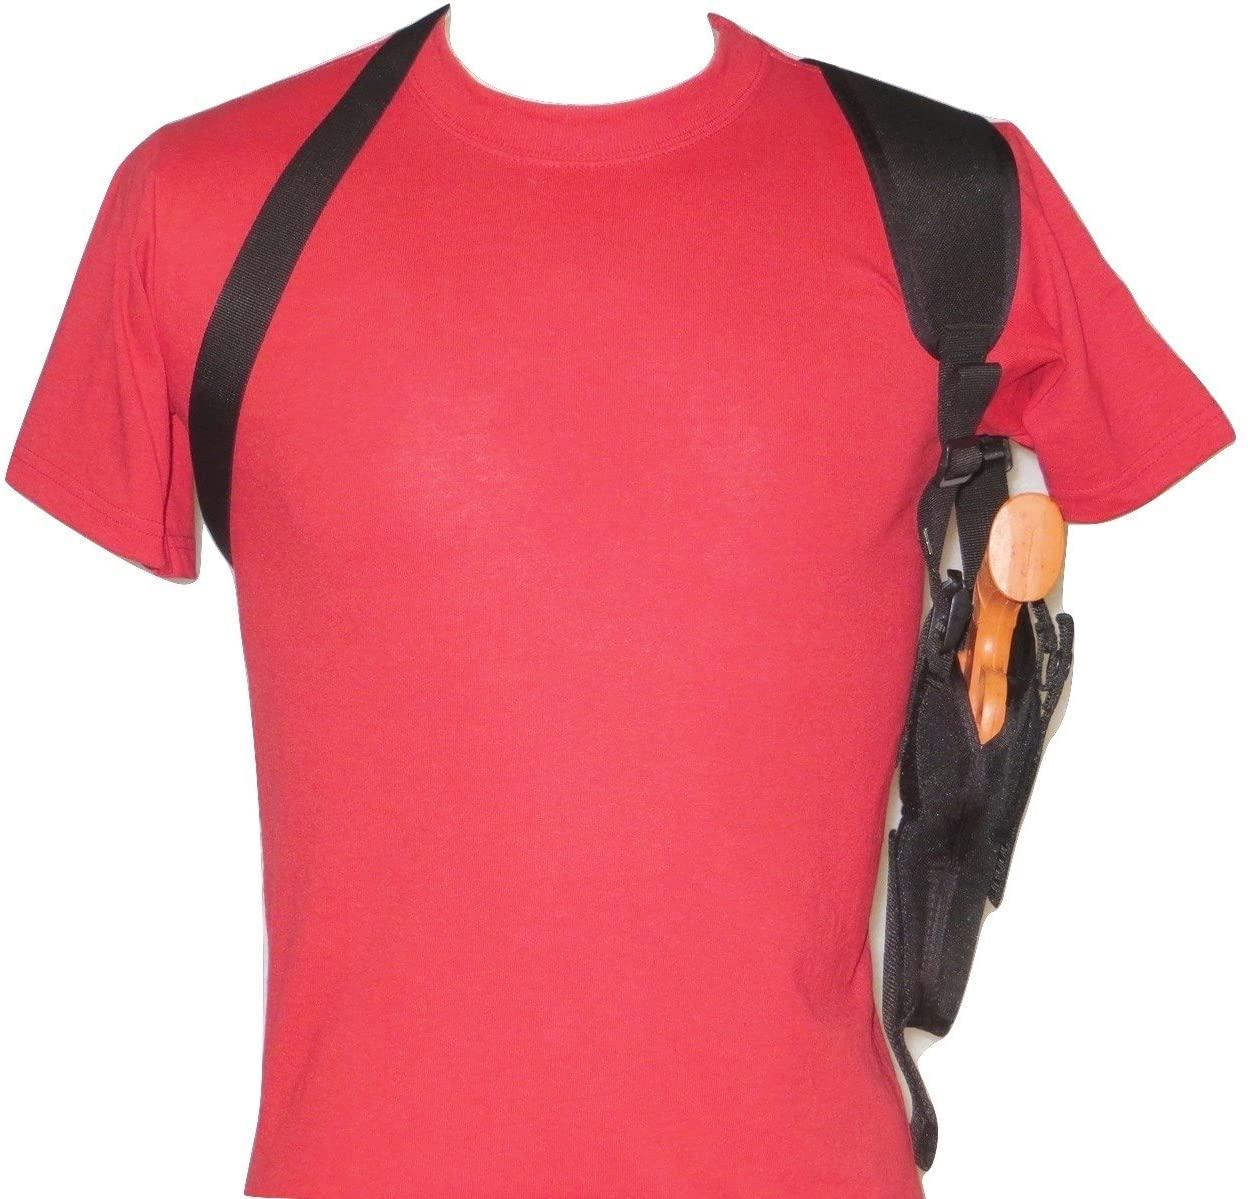 4-Federal-vertical-shoulder-holster